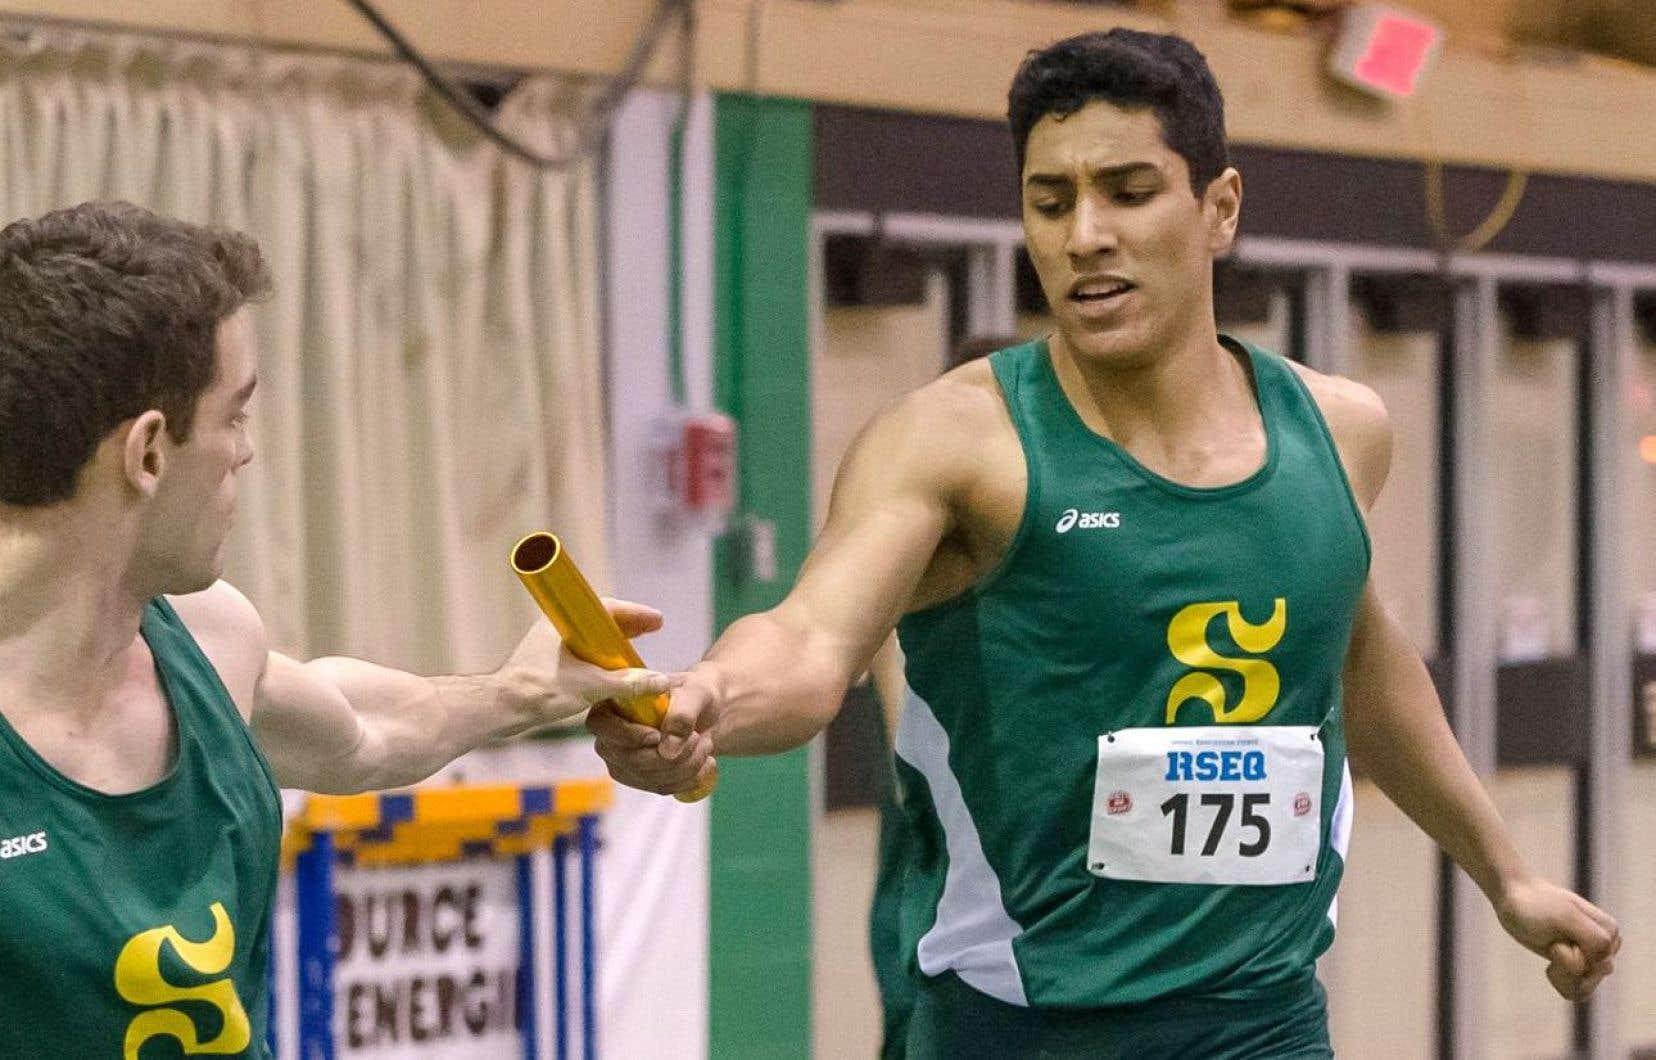 Yassine Aber (à droite)n'a pas pu accompagner son équipe du Vert & Or, de l'Université de Sherbrooke, à une compétition d'athlétisme à Boston.